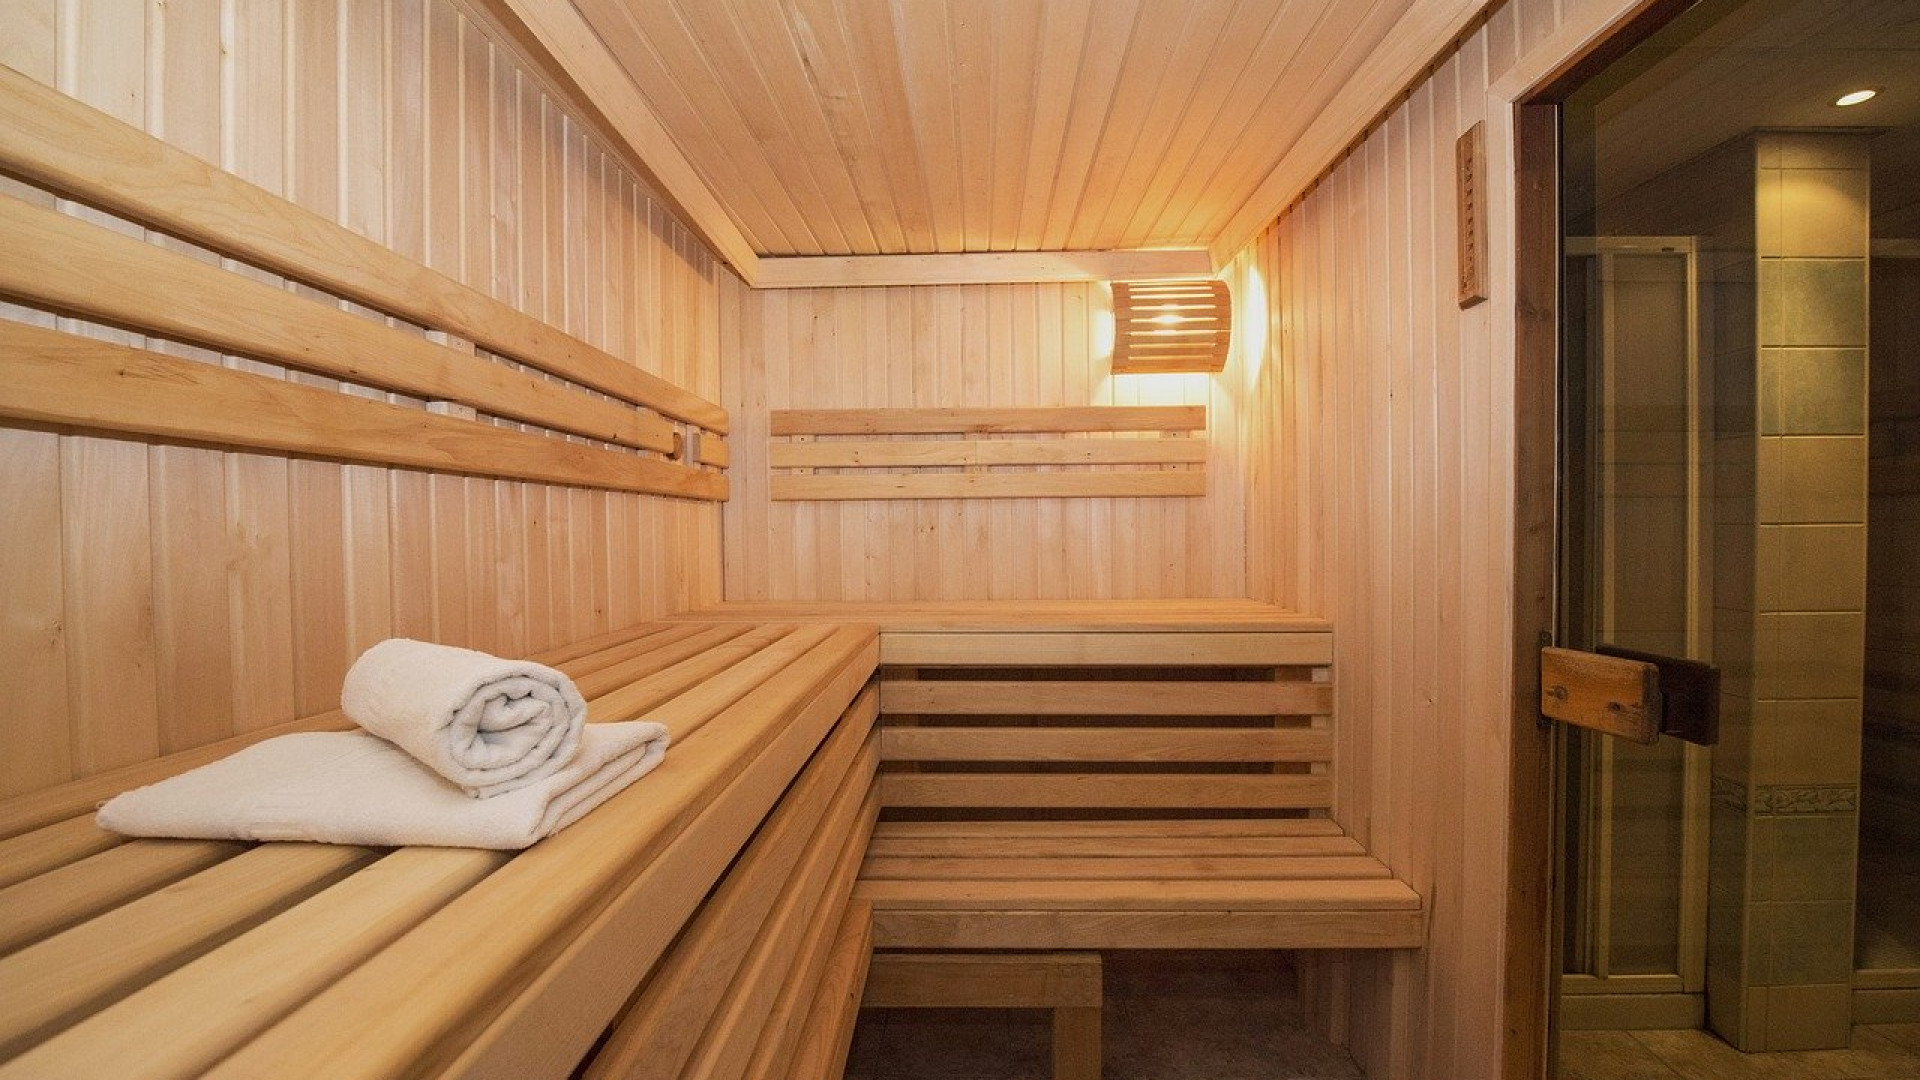 Pourquoi faire installer un sauna chez soi ?